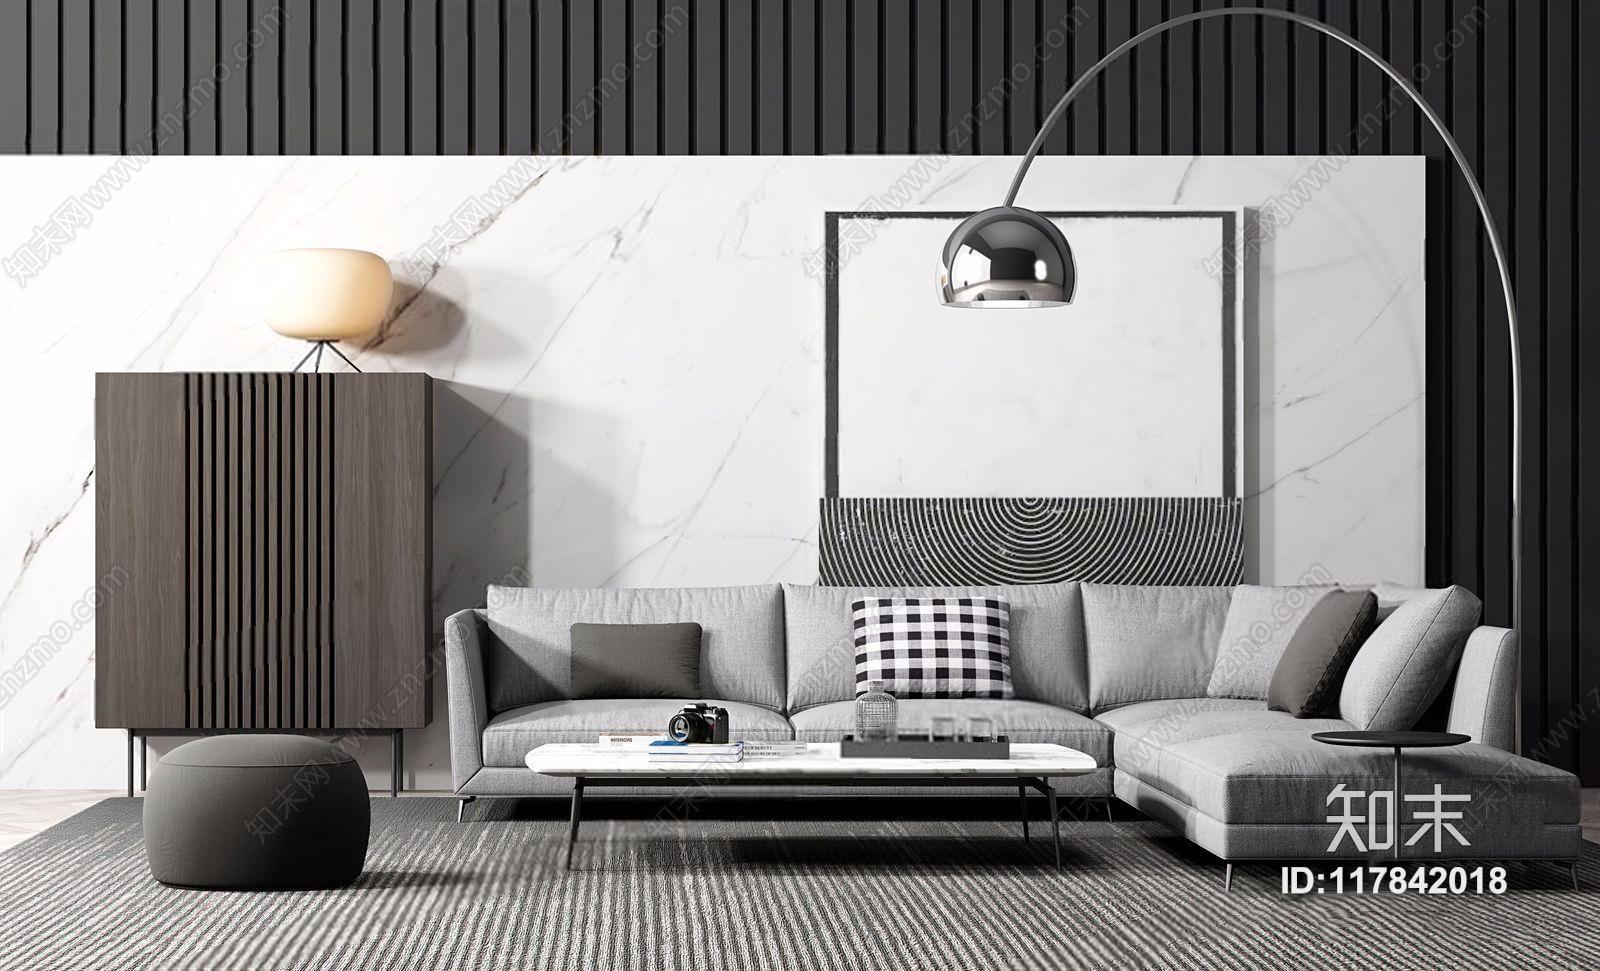 现代布艺沙发组合 现代组合沙发 多人沙发 茶几 坐垫 装饰柜 落地灯 台灯 转角沙发 背景墙